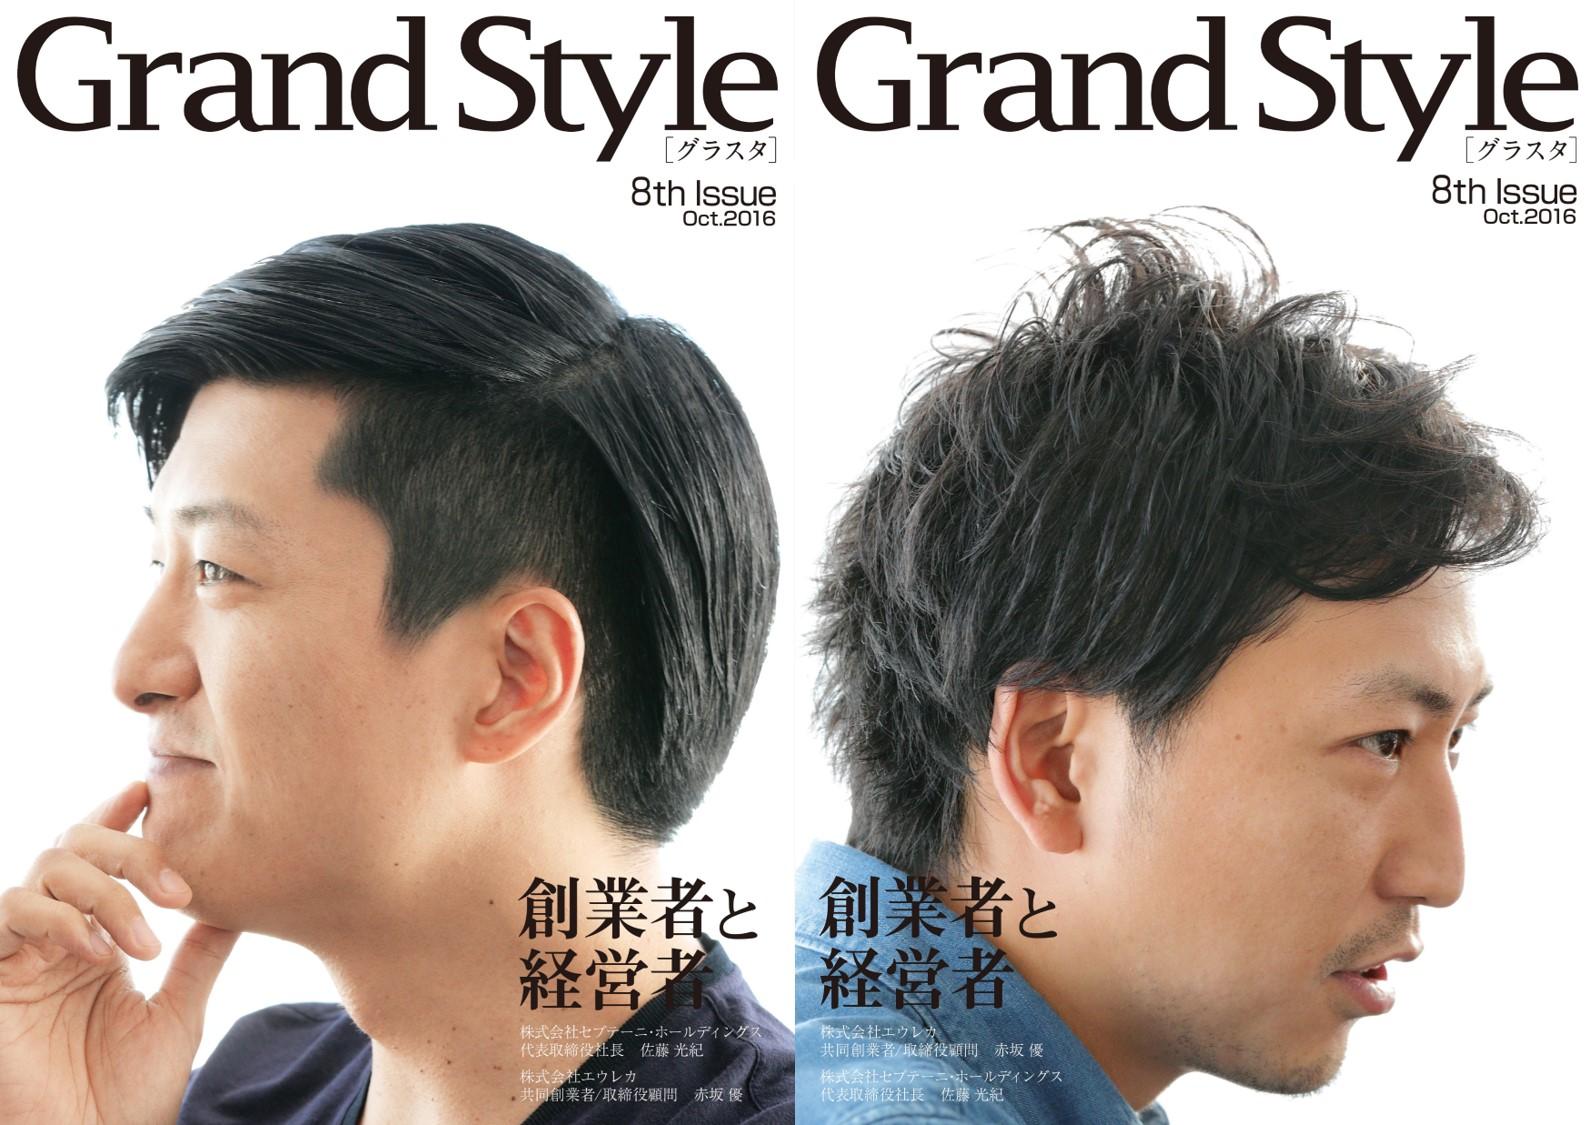 アプリ・ゲーム・IT業界の社員・社風を紹介する業界誌、『Grand Style』(愛称:グラスタ) 8<sup>th</sup> Issueを発行!